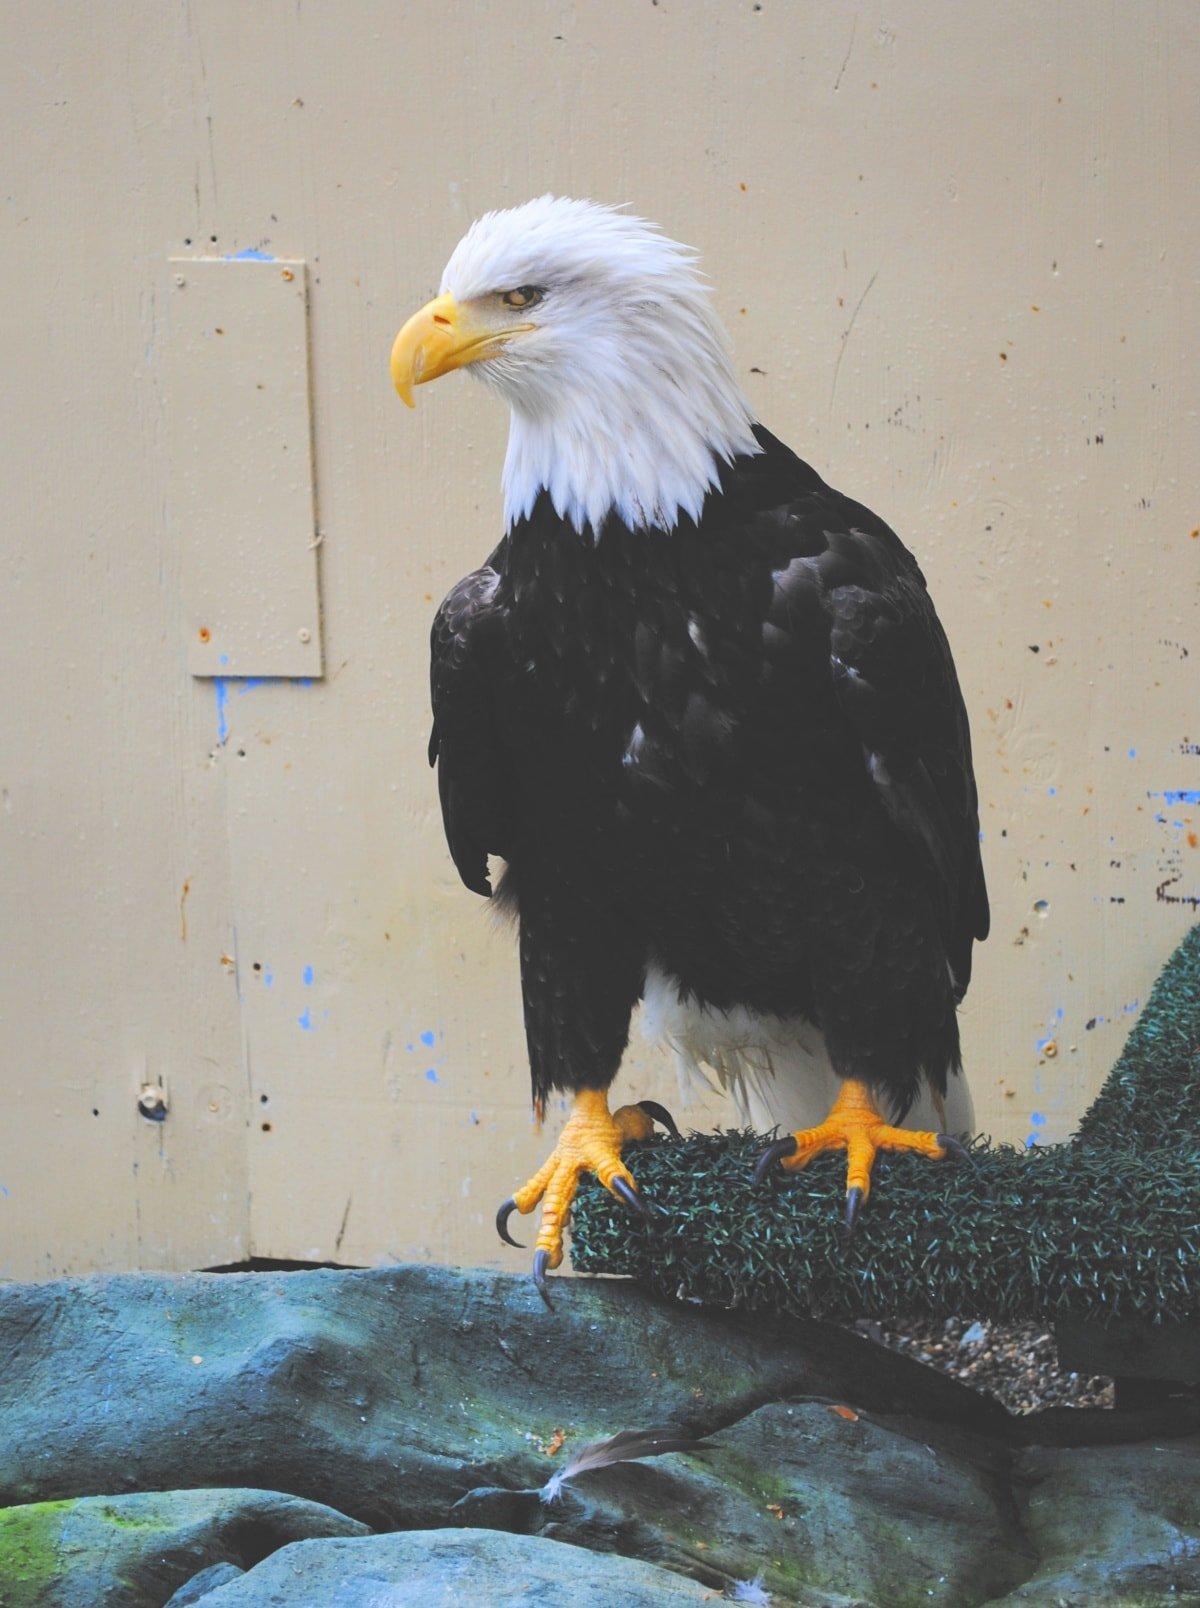 A rescued bald eagle at Juneau Raptor Center in Juneau, Alaska with kids